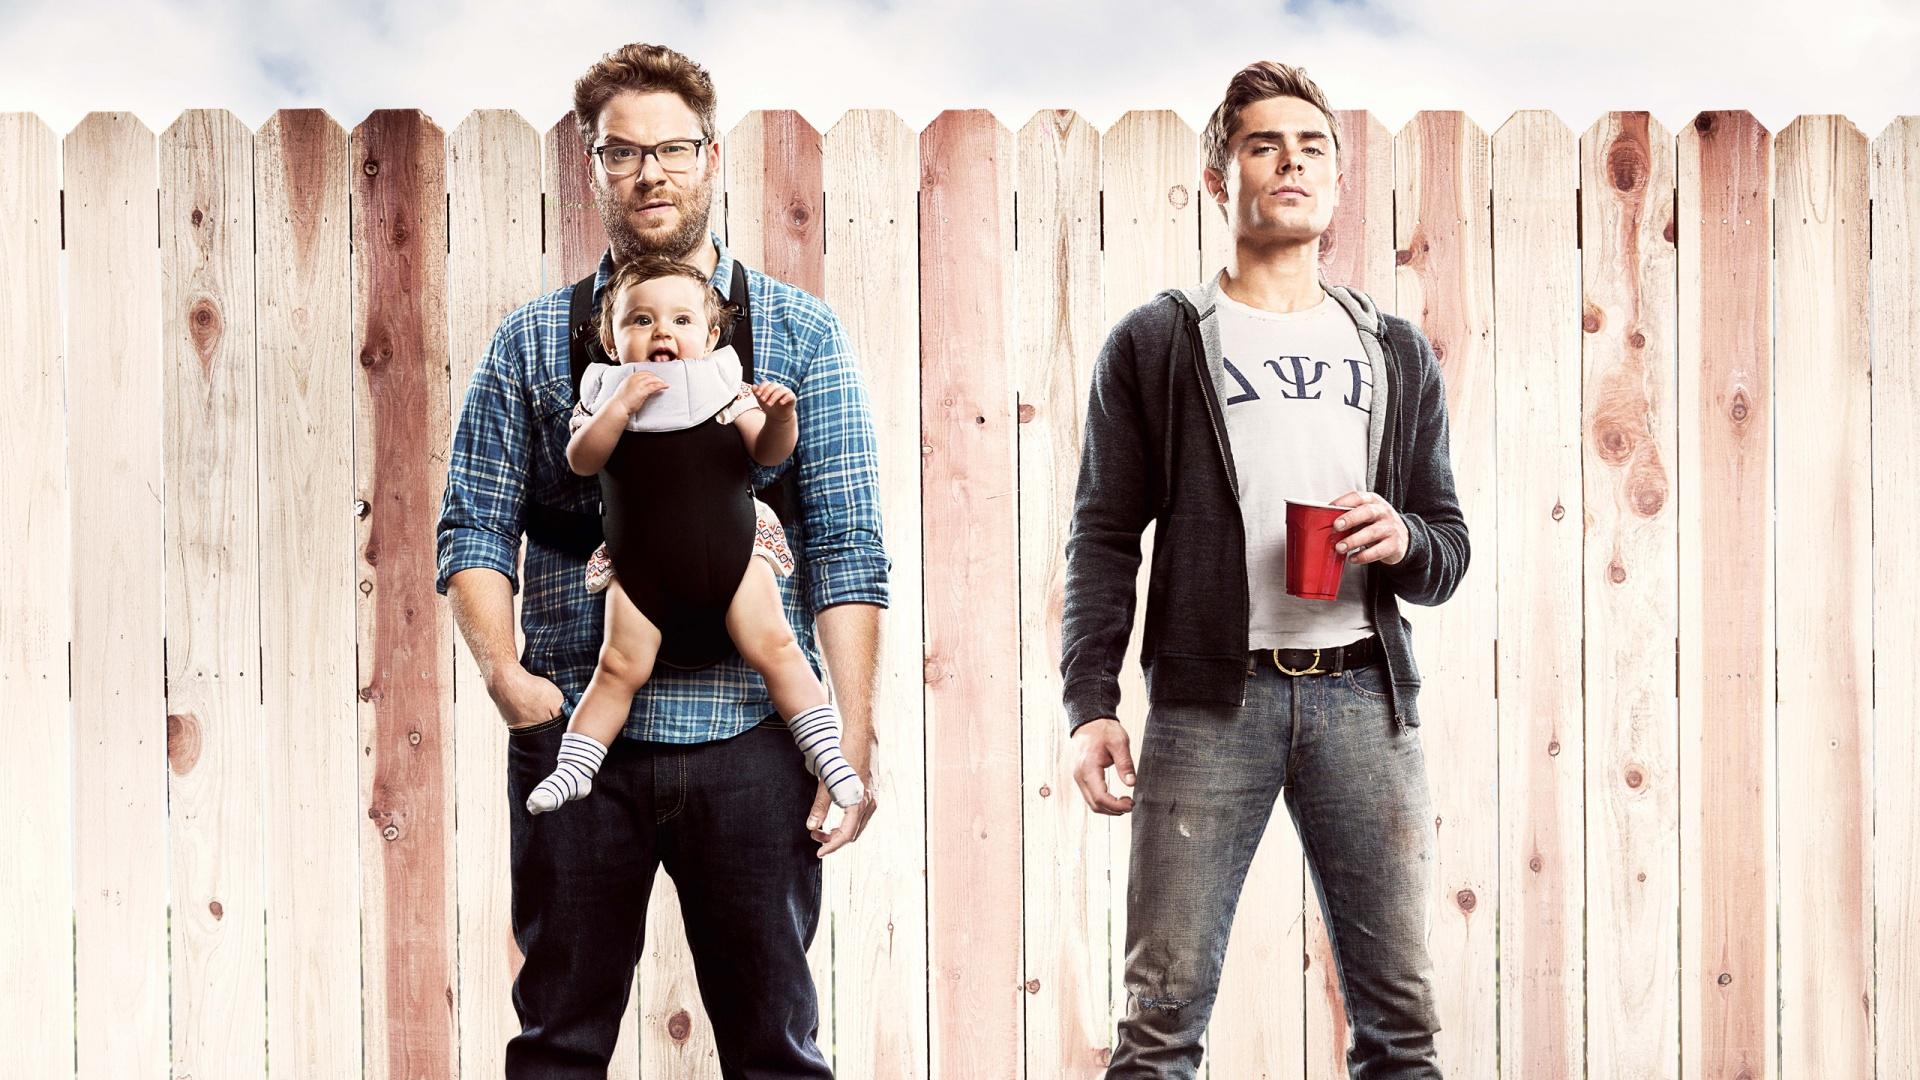 ... x 1440 Original. Description: Download Neighbors 2014 Movie ...